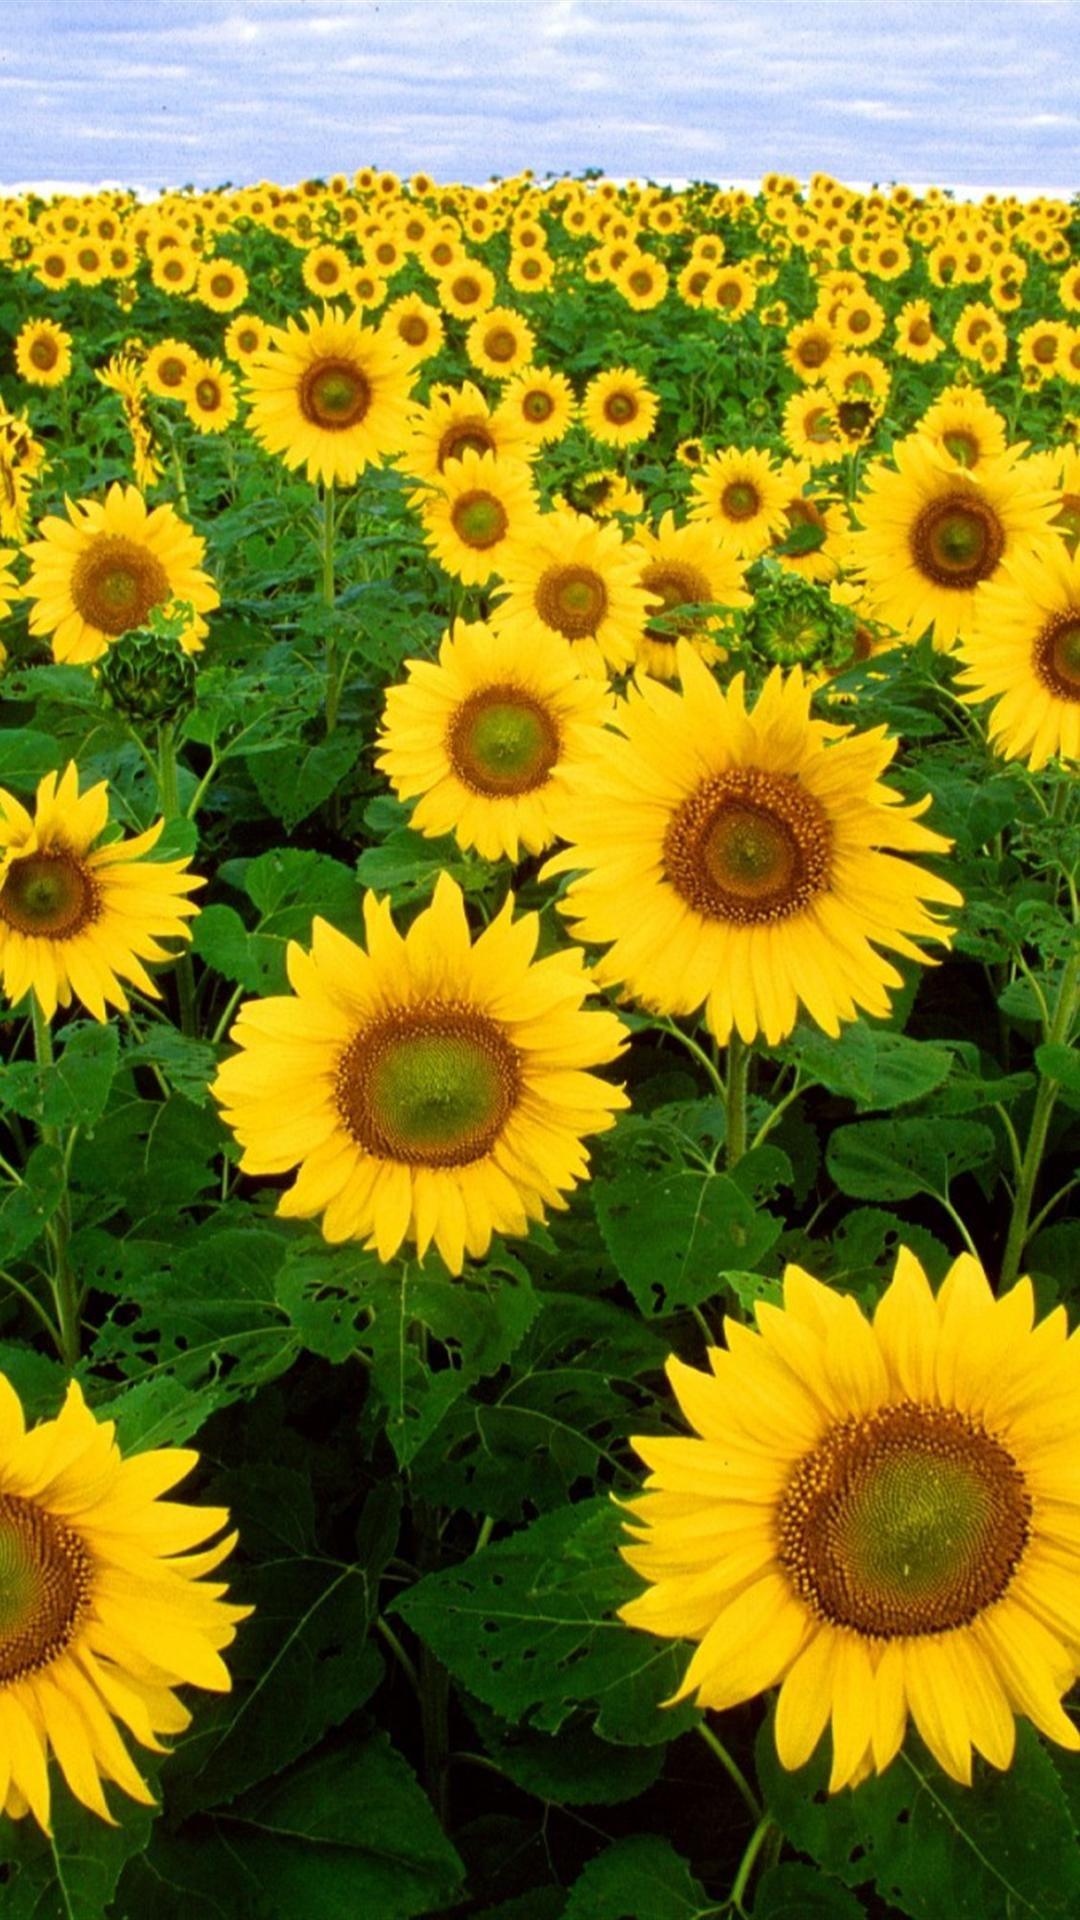 Sunflower Field Iphone Wallpaper Sunflowers Background Sunflower Wallpaper Sunflower Fields